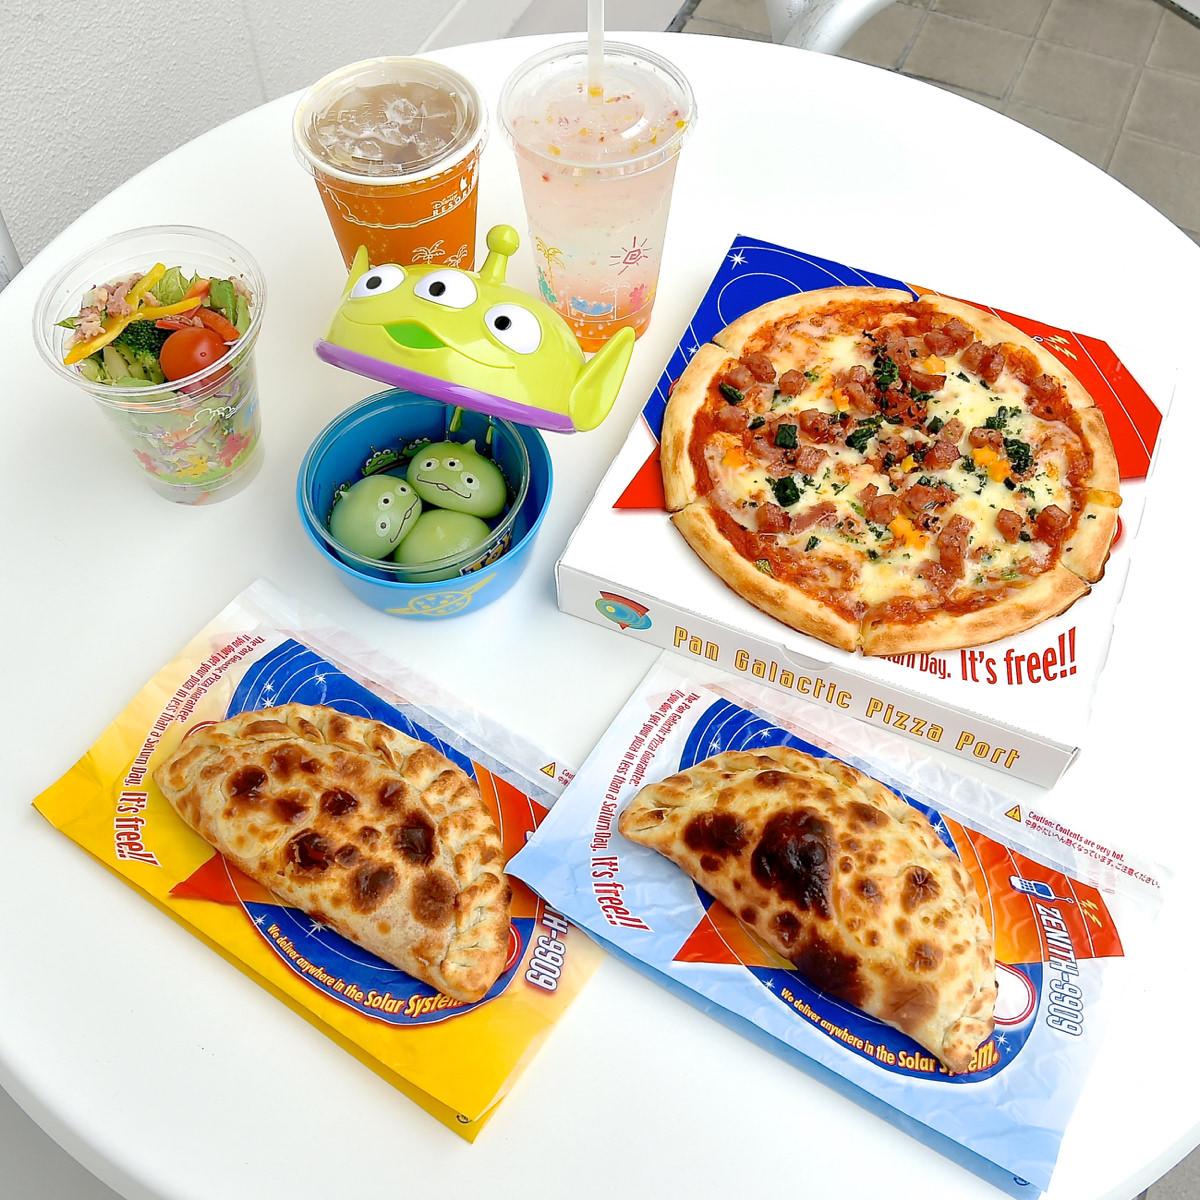 パン・ギャラクティック・ピザ・ポート グランドメニュー